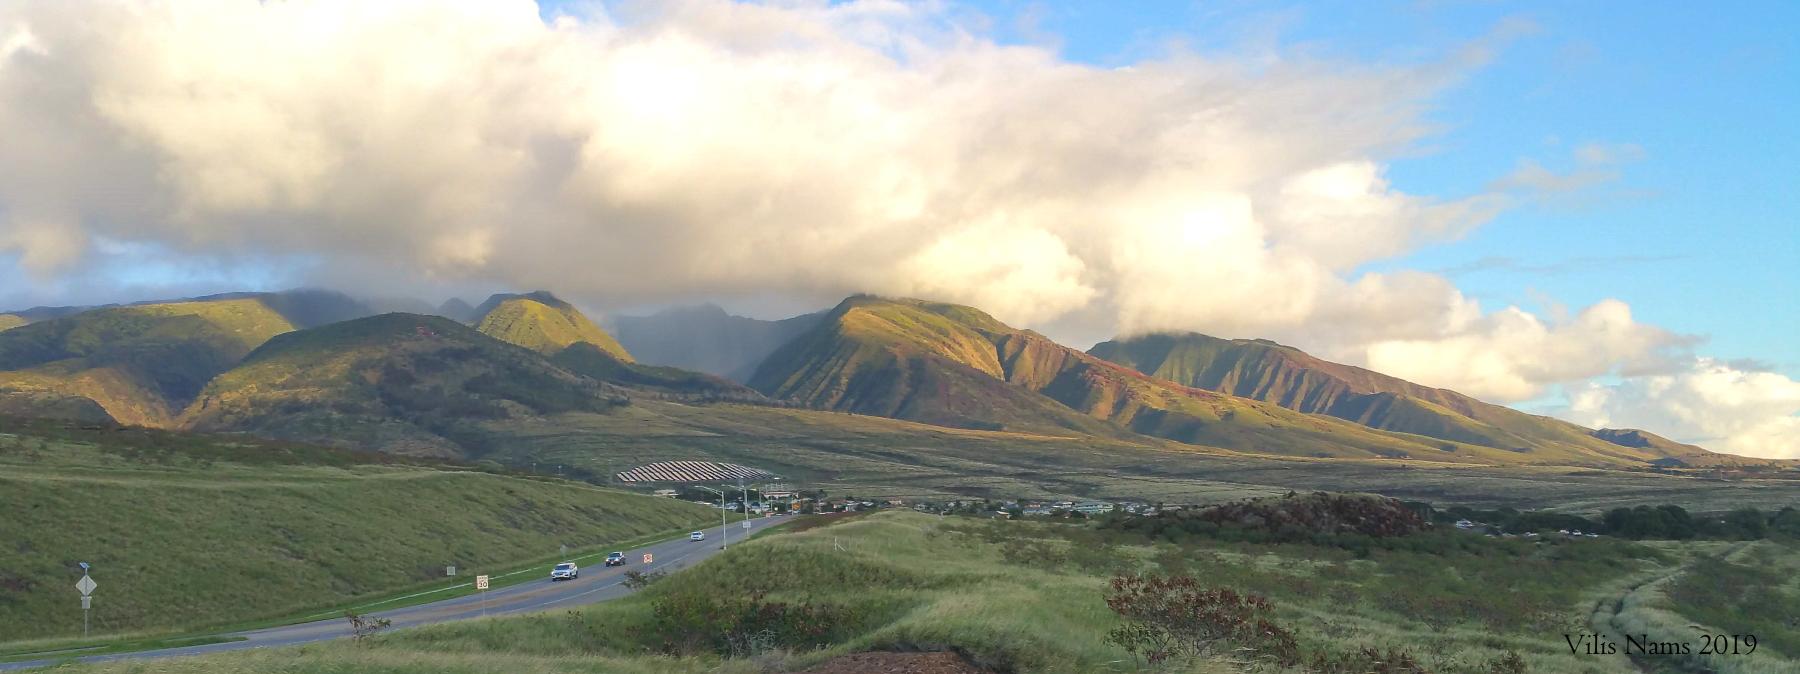 West Maui Mountains, Maui, Hawai'i (© Vilis Nams)